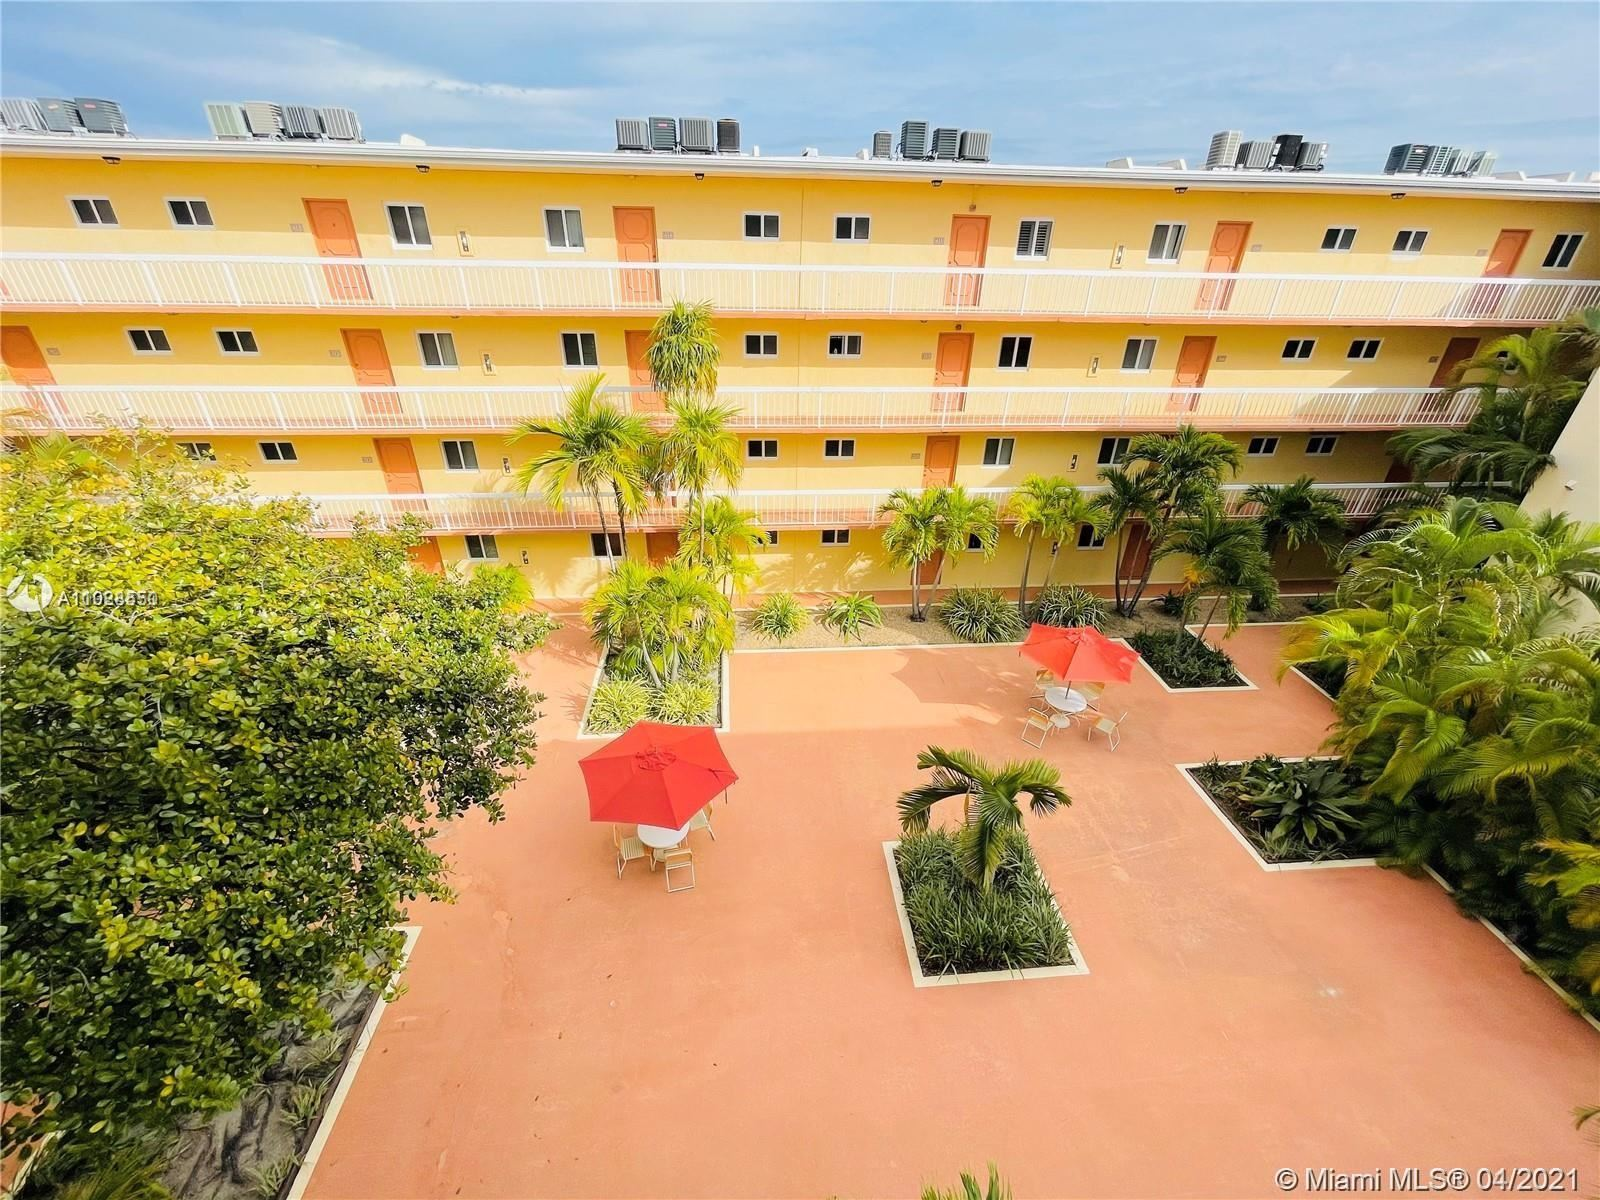 7703 Camino Real #A-405, Miami, FL 33143 - #: A11028550